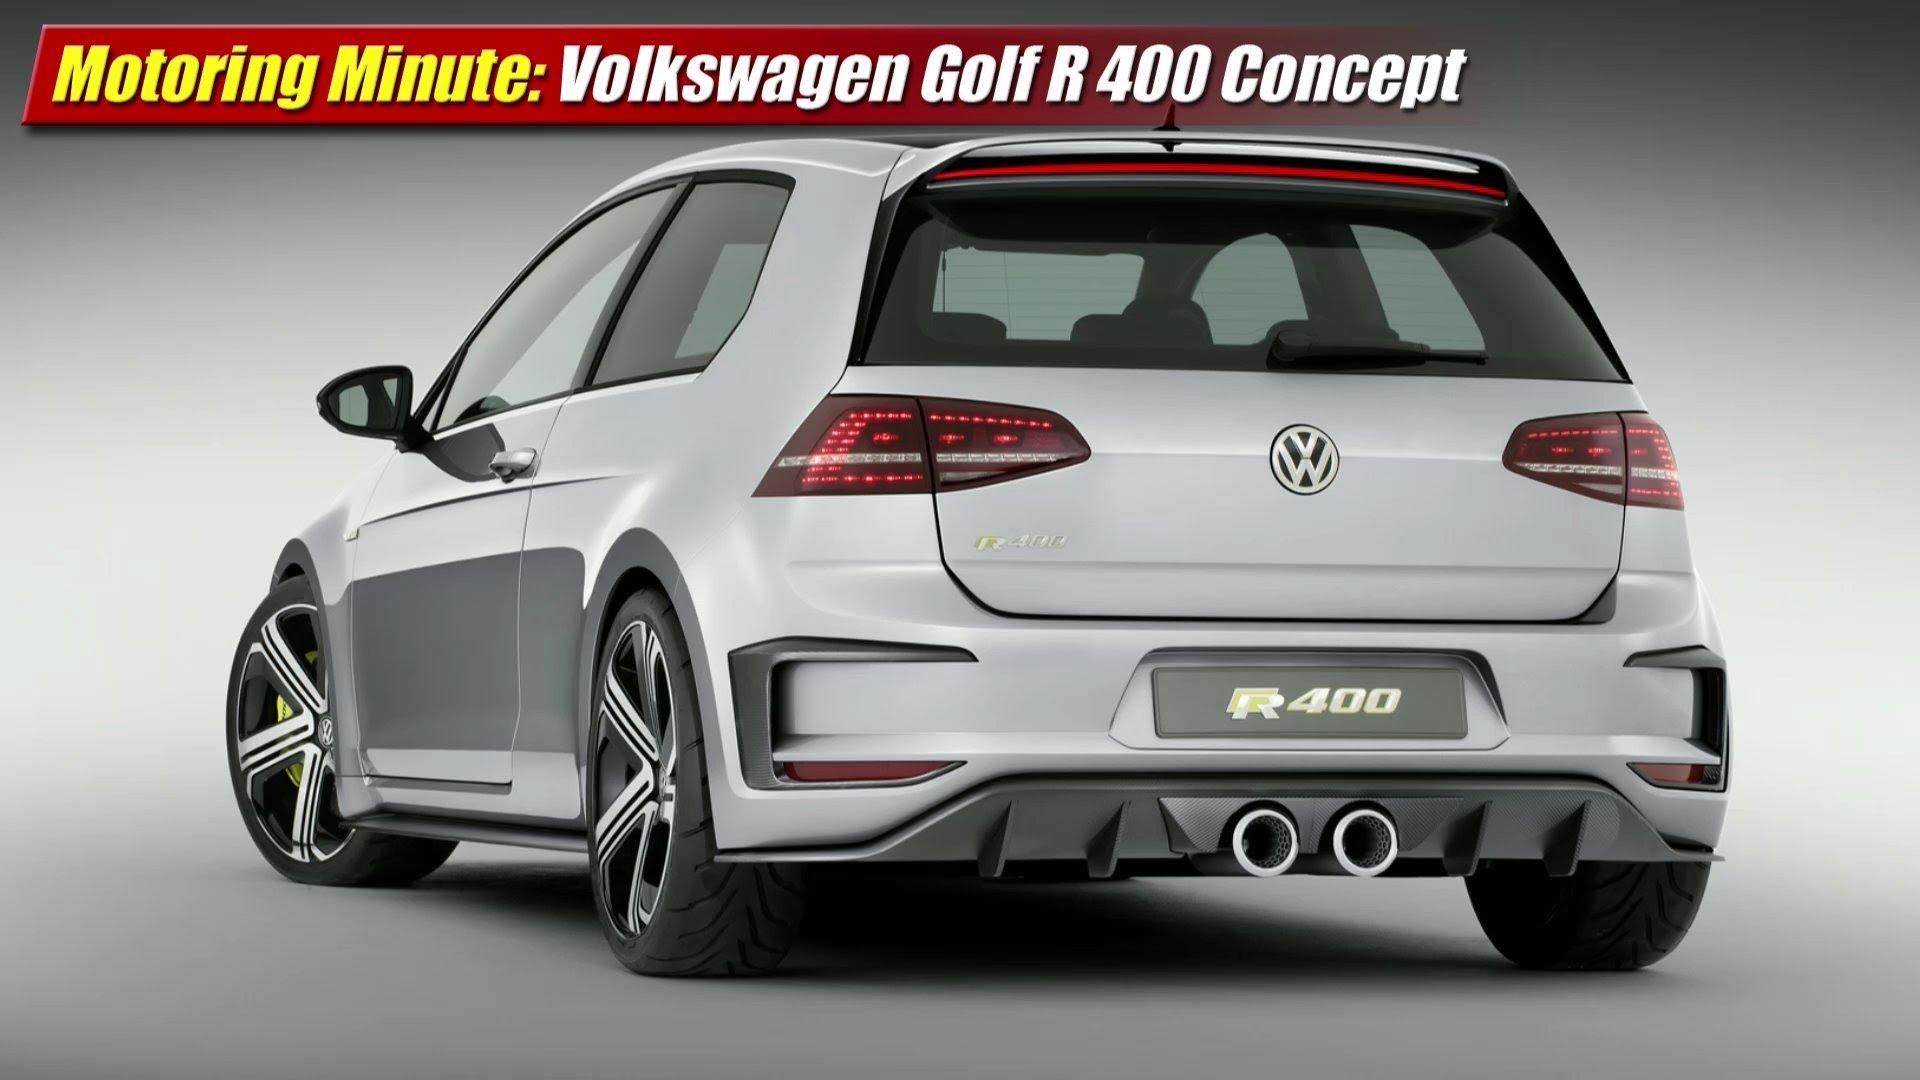 motoring minute volkswagen golf r 400 concept testdriven tv. Black Bedroom Furniture Sets. Home Design Ideas